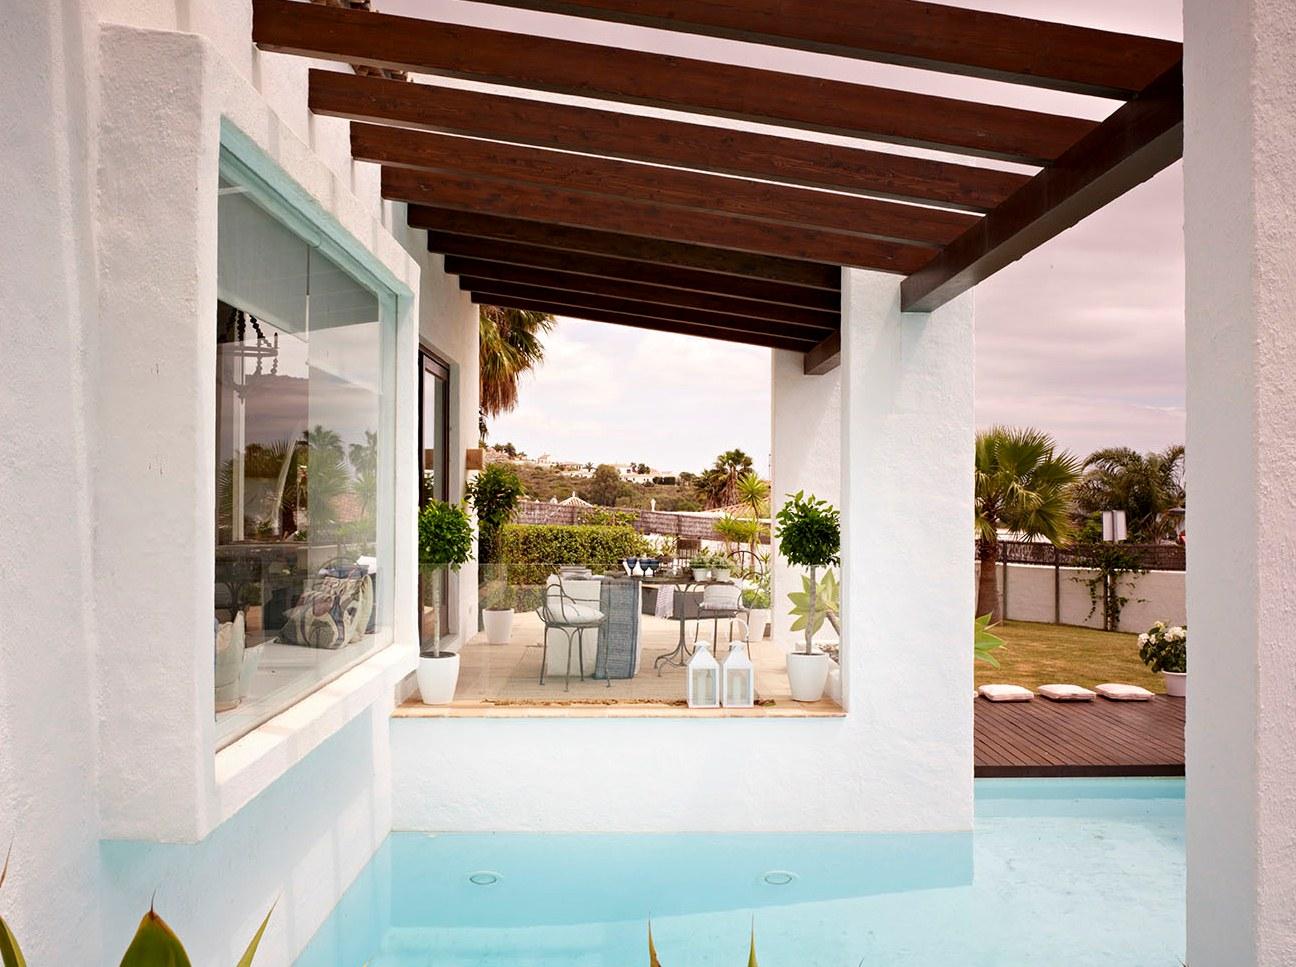 1220 - Esencia andaluza de luz y frescura en una preciosa casa en Sotogrande, Cádiz